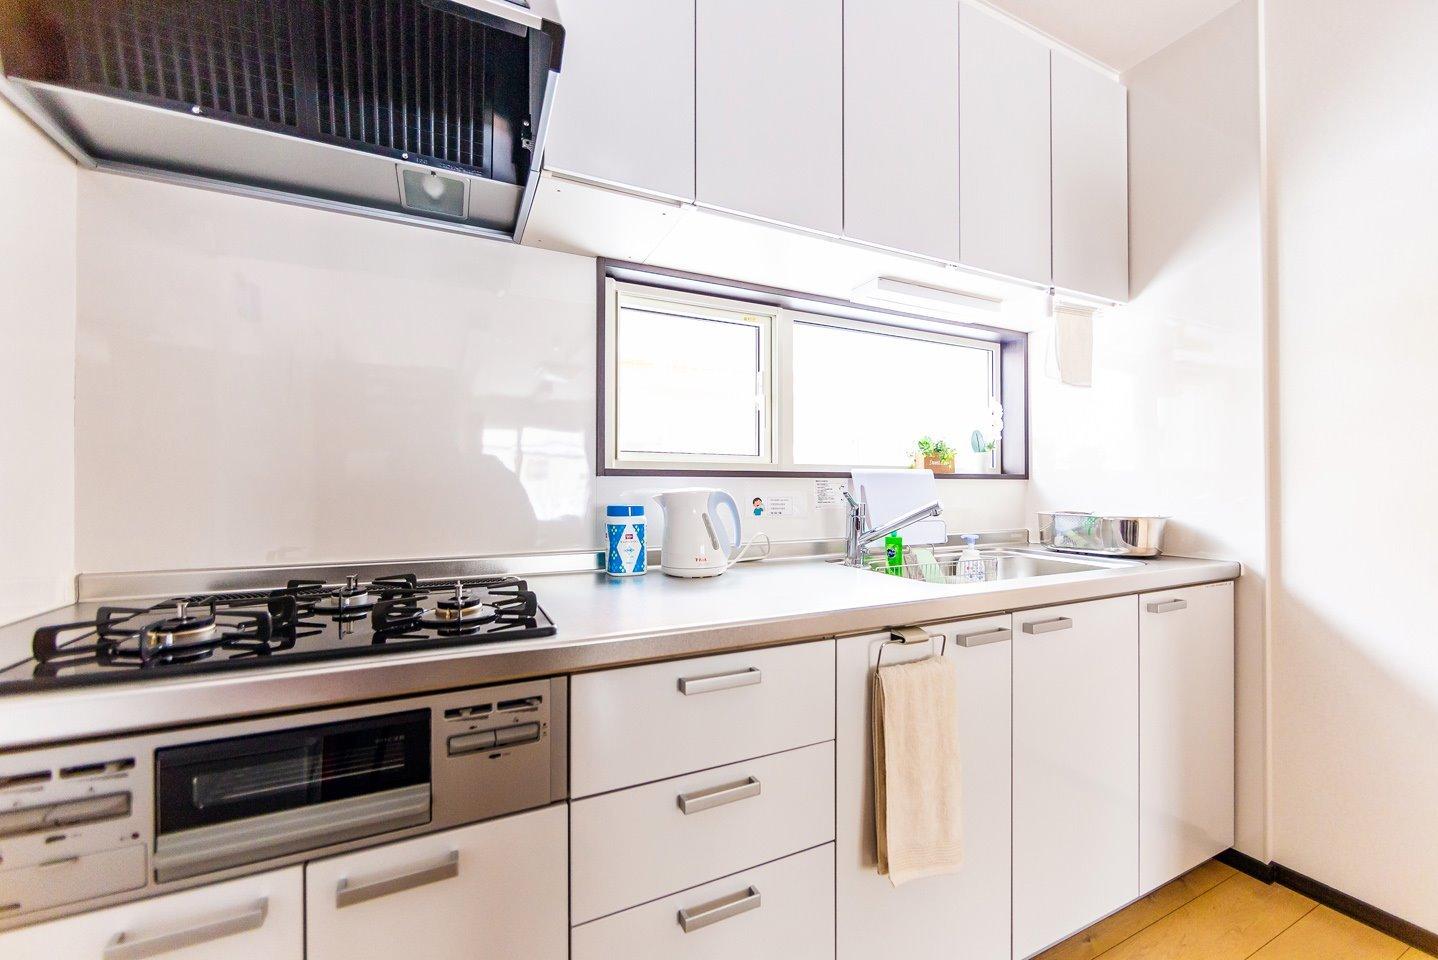 キッチン、食器はいつも清潔